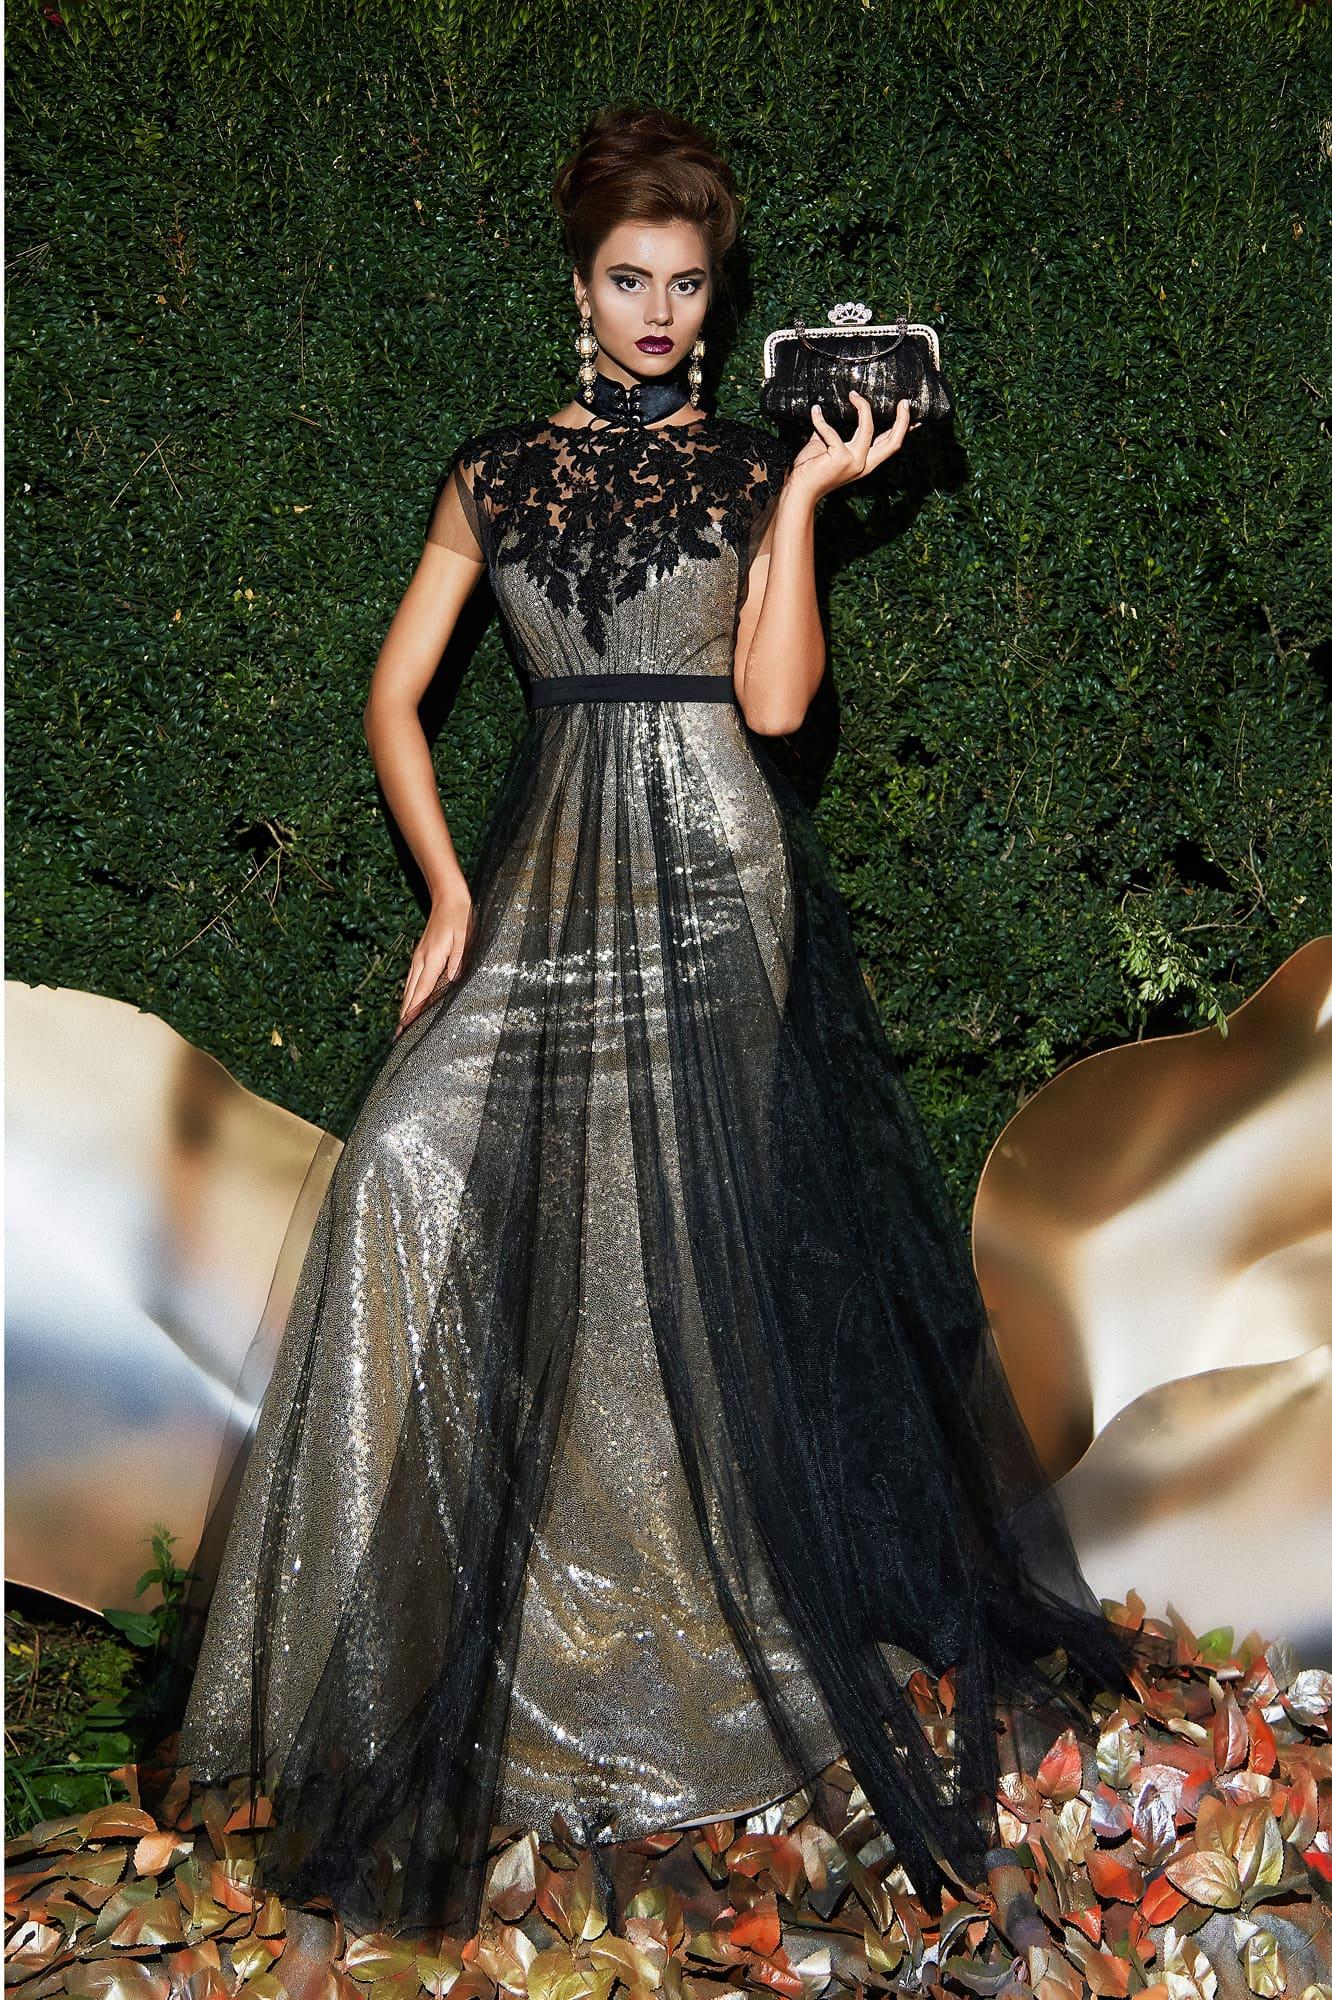 c6b26f48ba2 Сияющее вечернее платье с полупрозрачным черным верхом и кружевным декором.